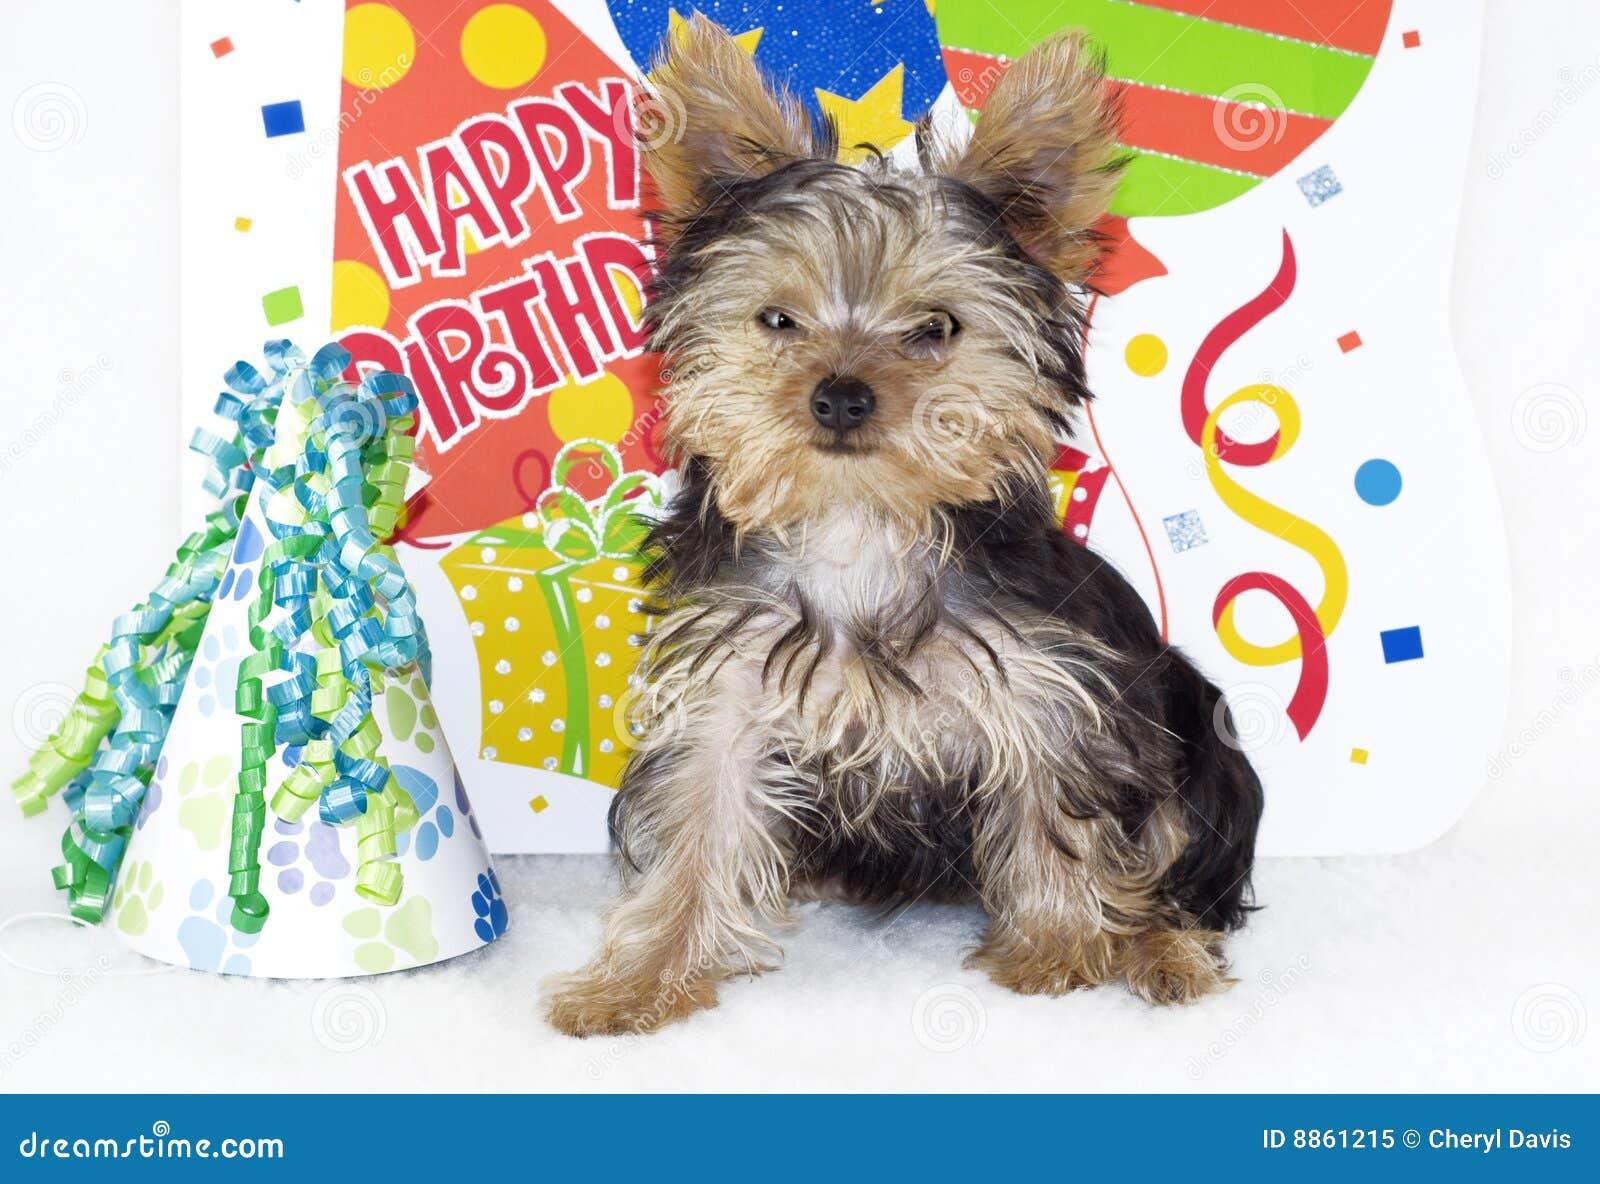 Geburtstag Yorkie Welpe Stock Photos Royalty Free Images